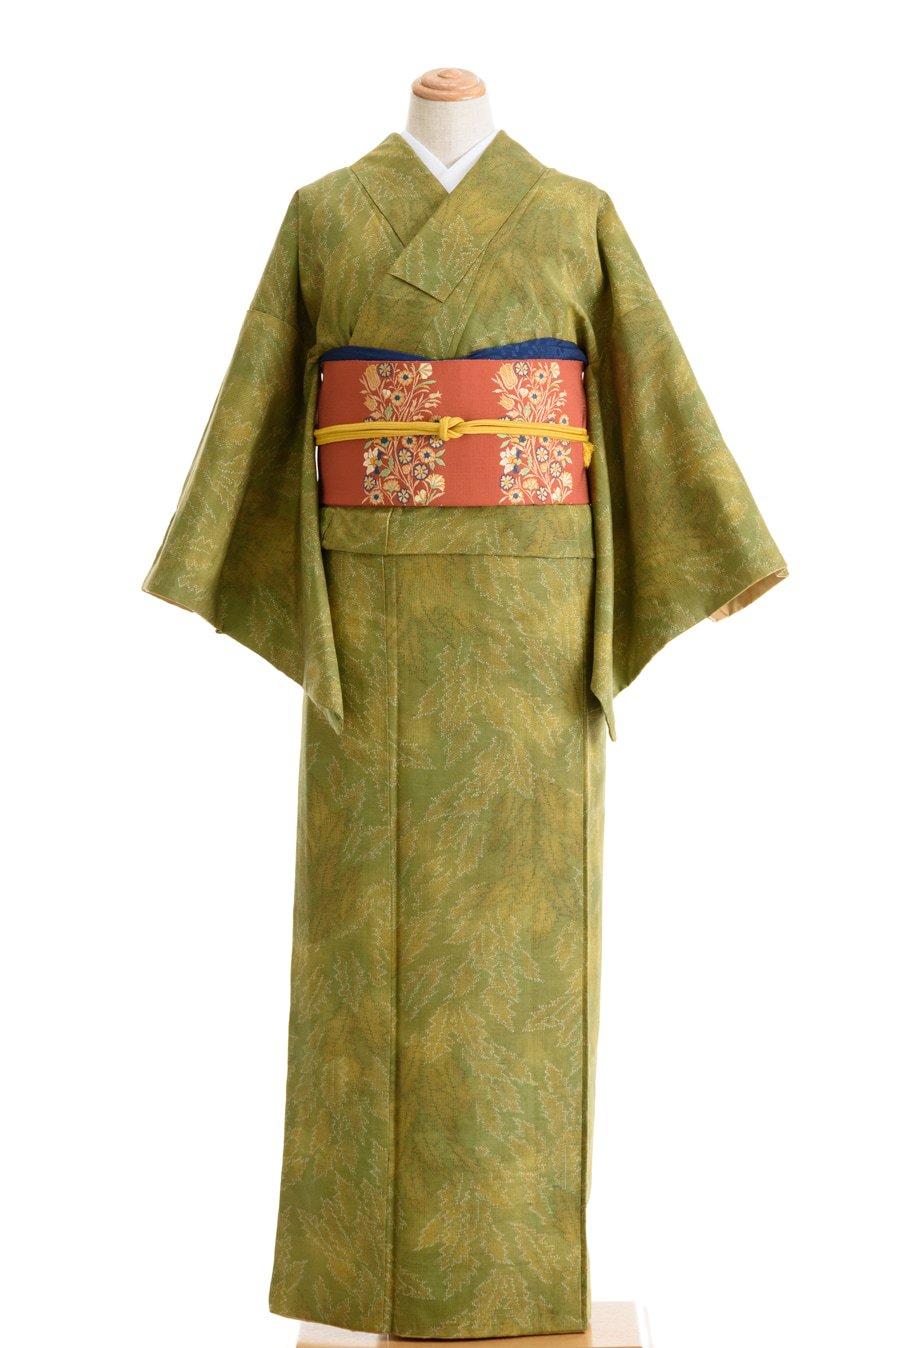 「紬 ギザギザの葉っぱ」の商品画像